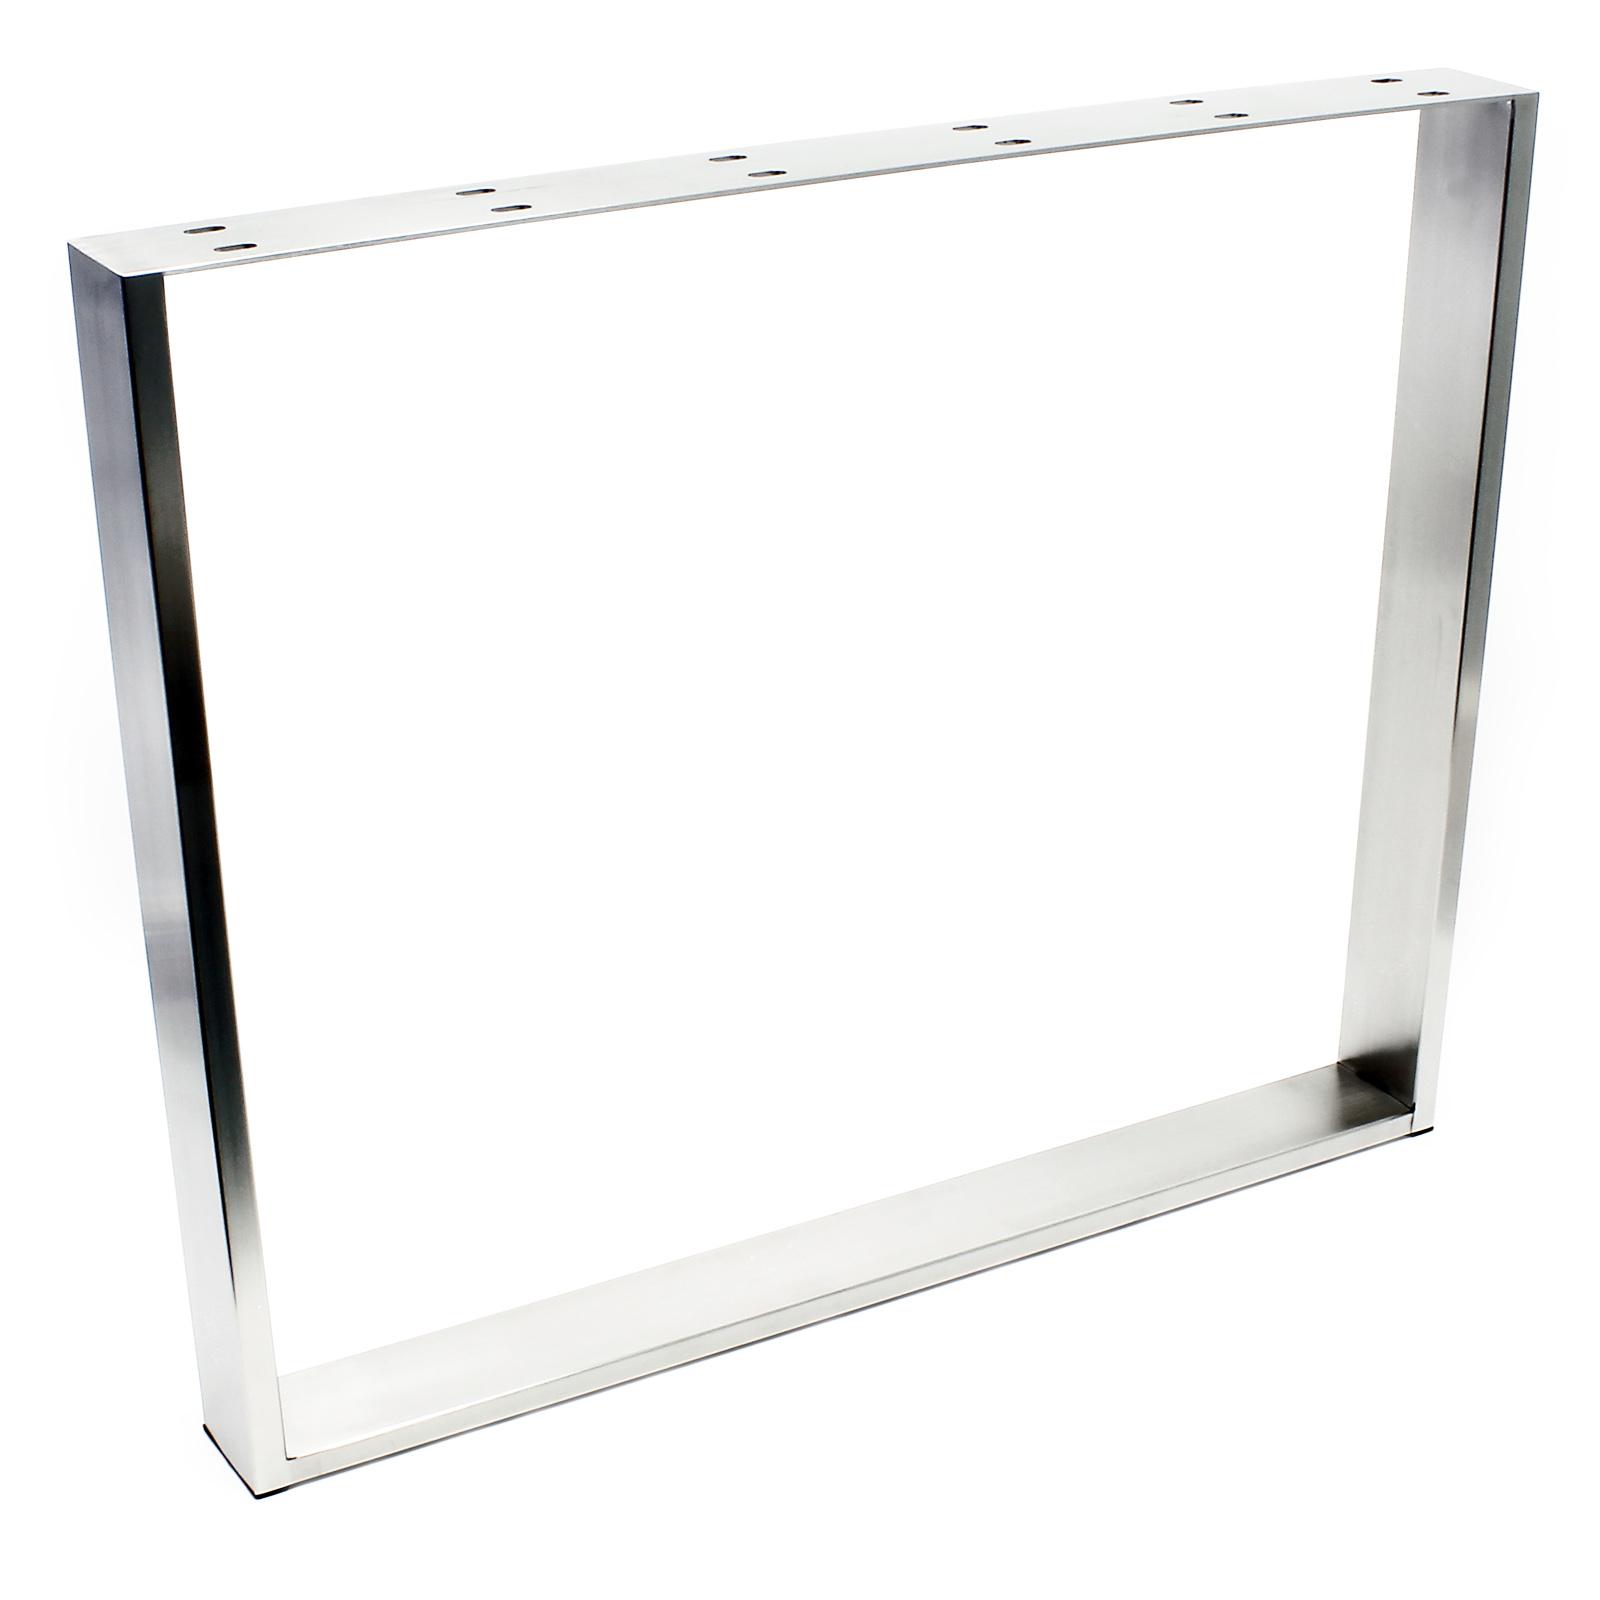 tischgestell 90x73cm edelstahl tischuntergestell tischkufe kufengestell tisch ebay. Black Bedroom Furniture Sets. Home Design Ideas